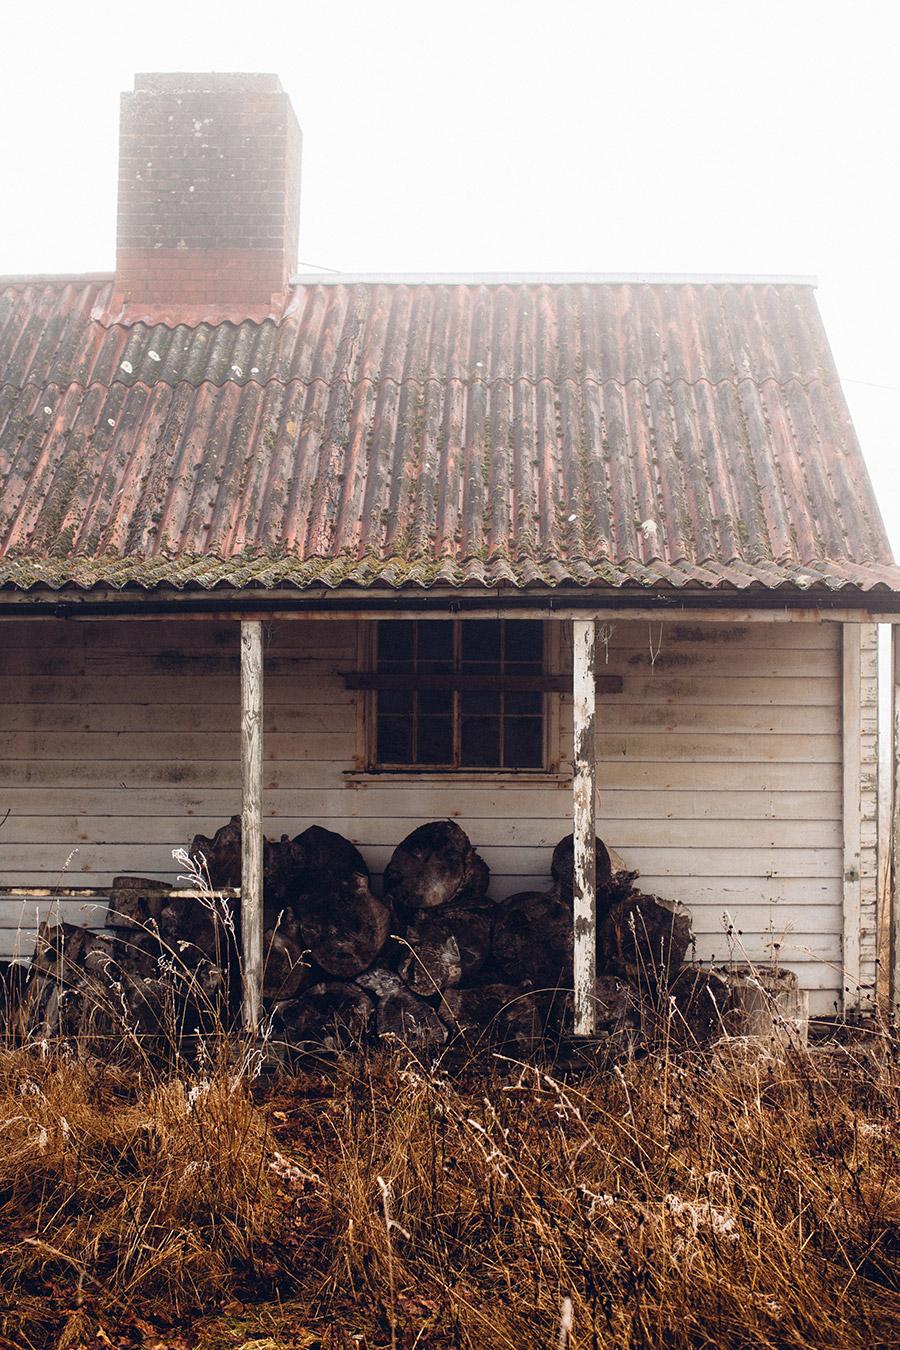 Derelict cabin